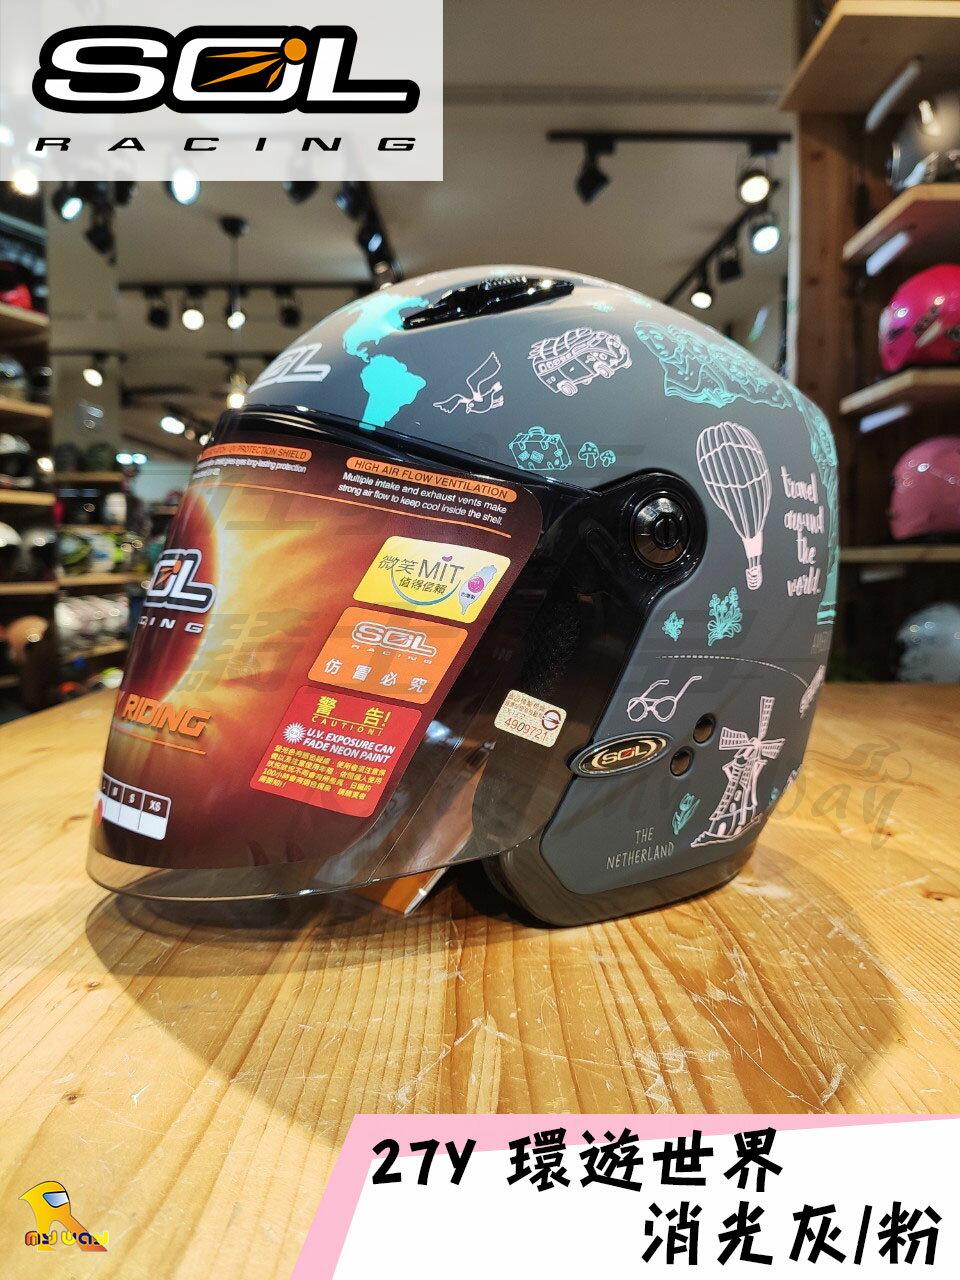 任我行騎士部品 SOL 27Y 環遊世界 小帽體 女生適用 3/4罩 安全帽 DOT 灰粉